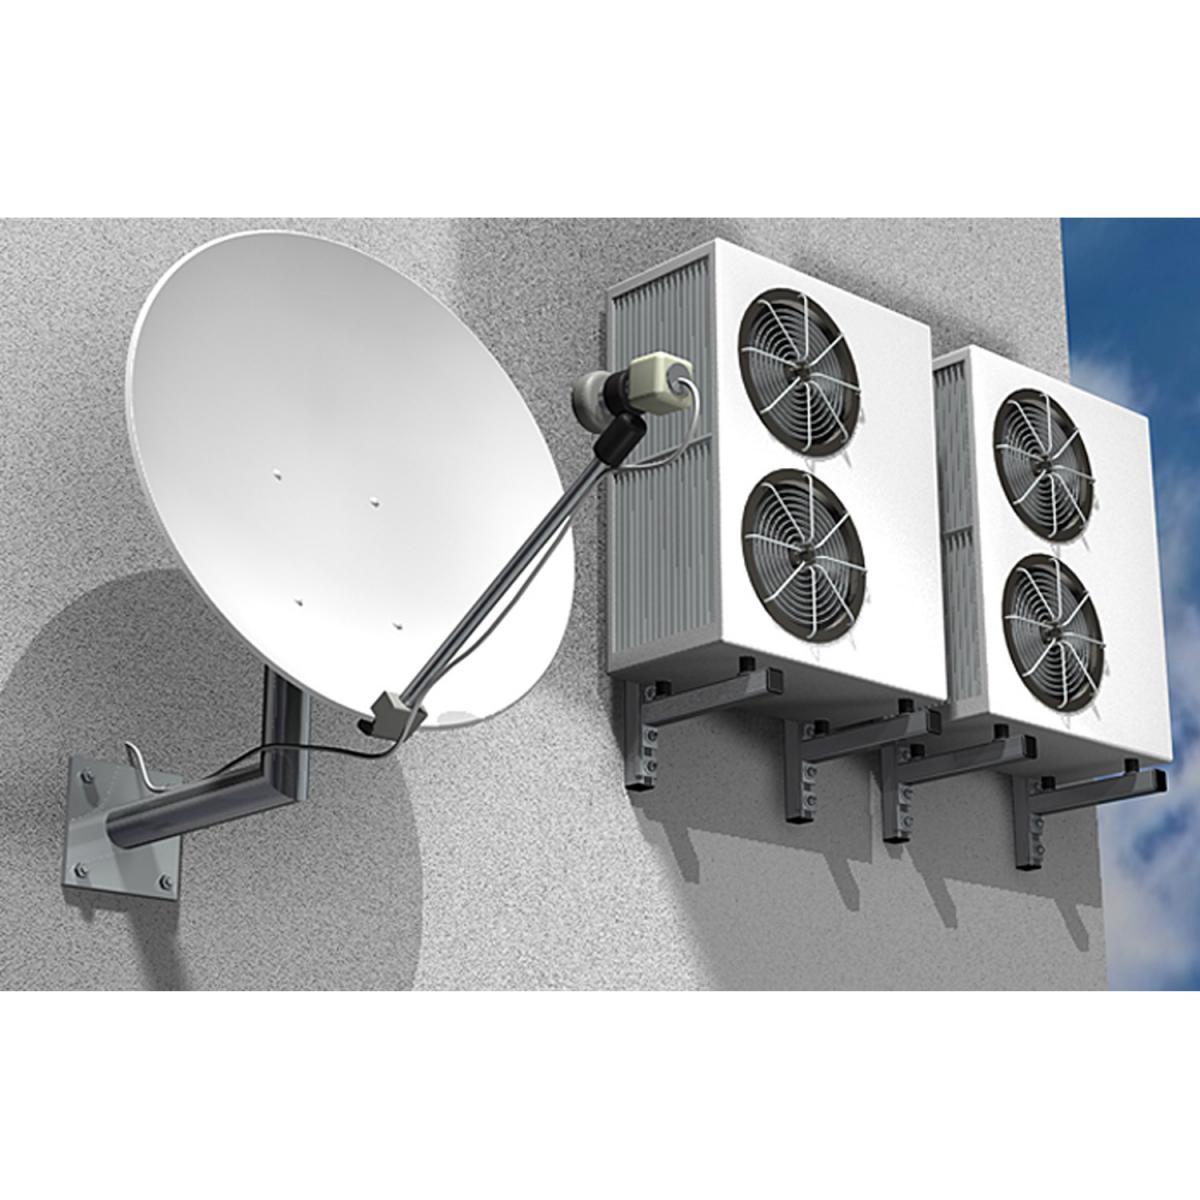 Satelliten- und Klimaanlage